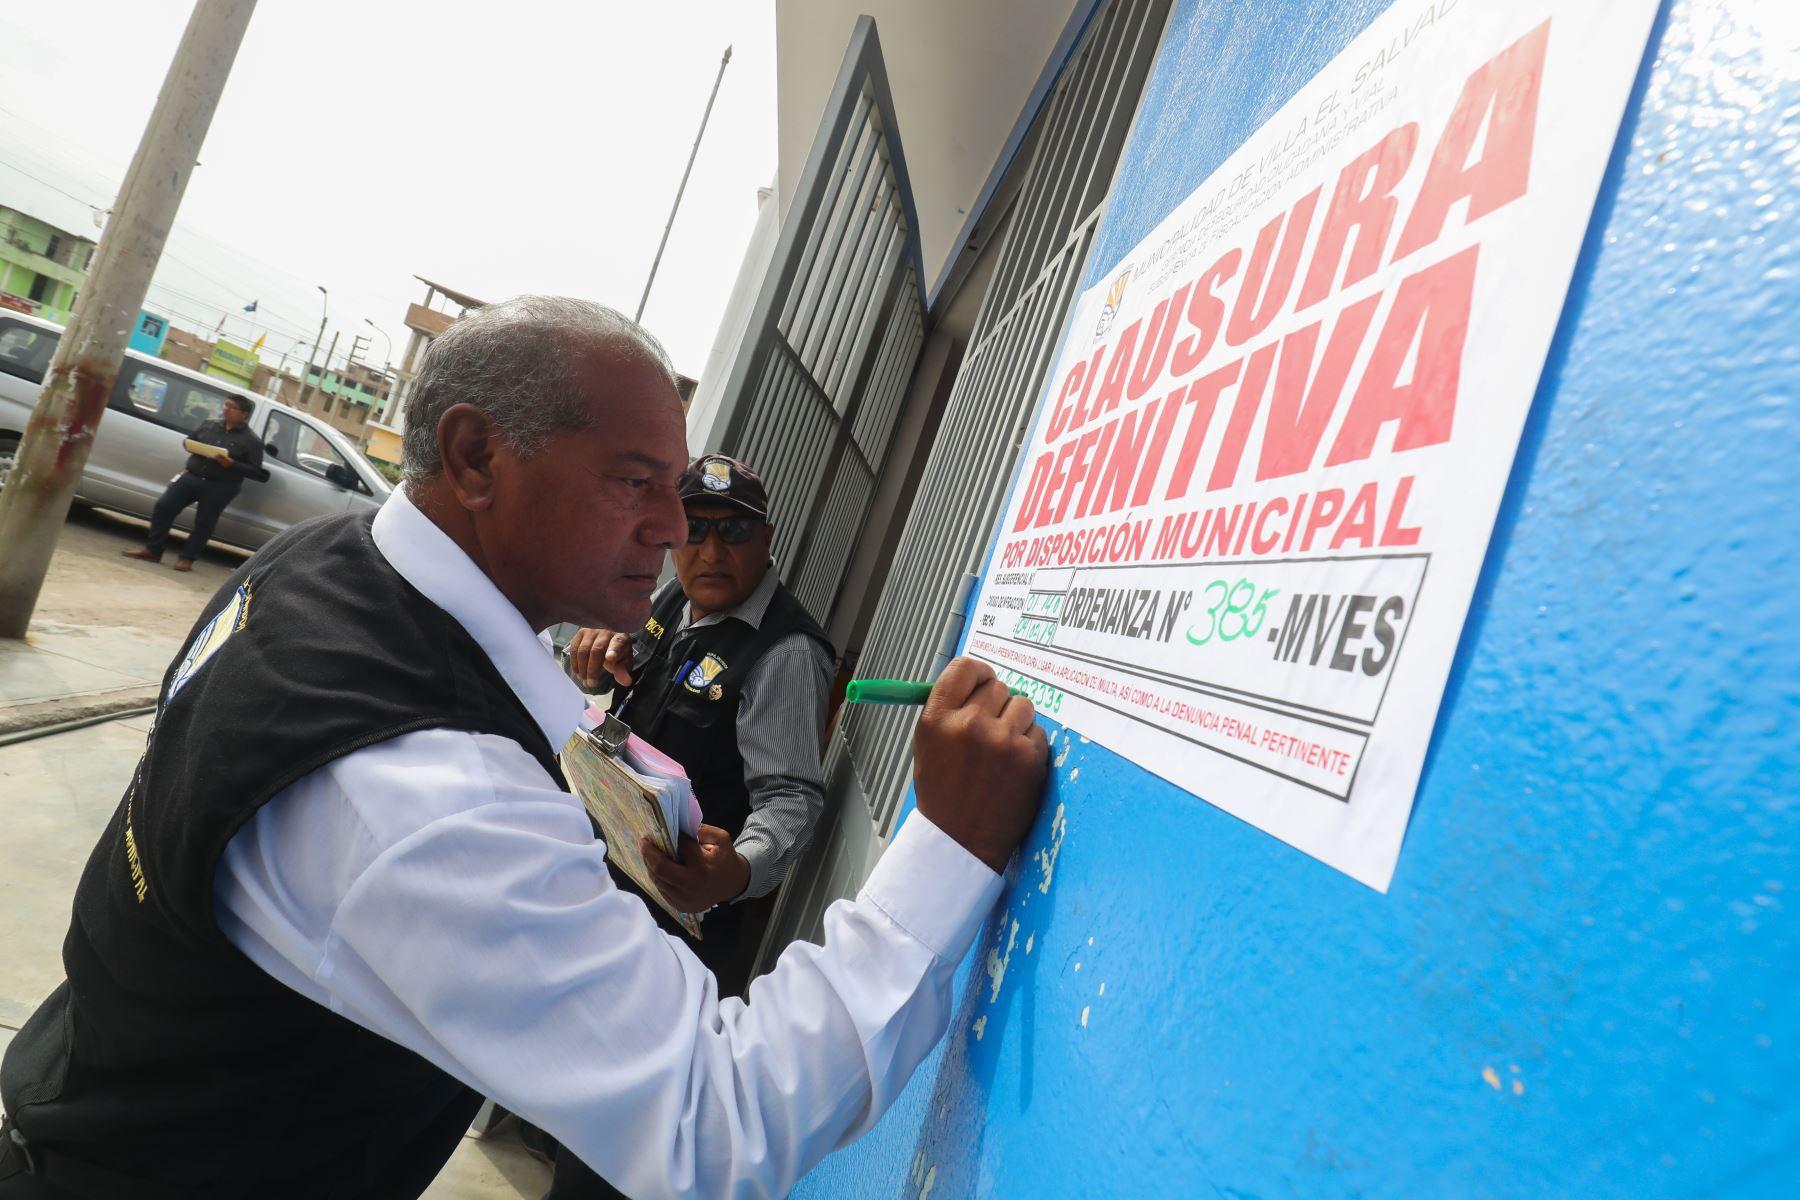 Operativo para cerrar colegios ilegales en Villa el Salvador.  Foto: ANDINA/Juan Carlos Guzmán Negrini.